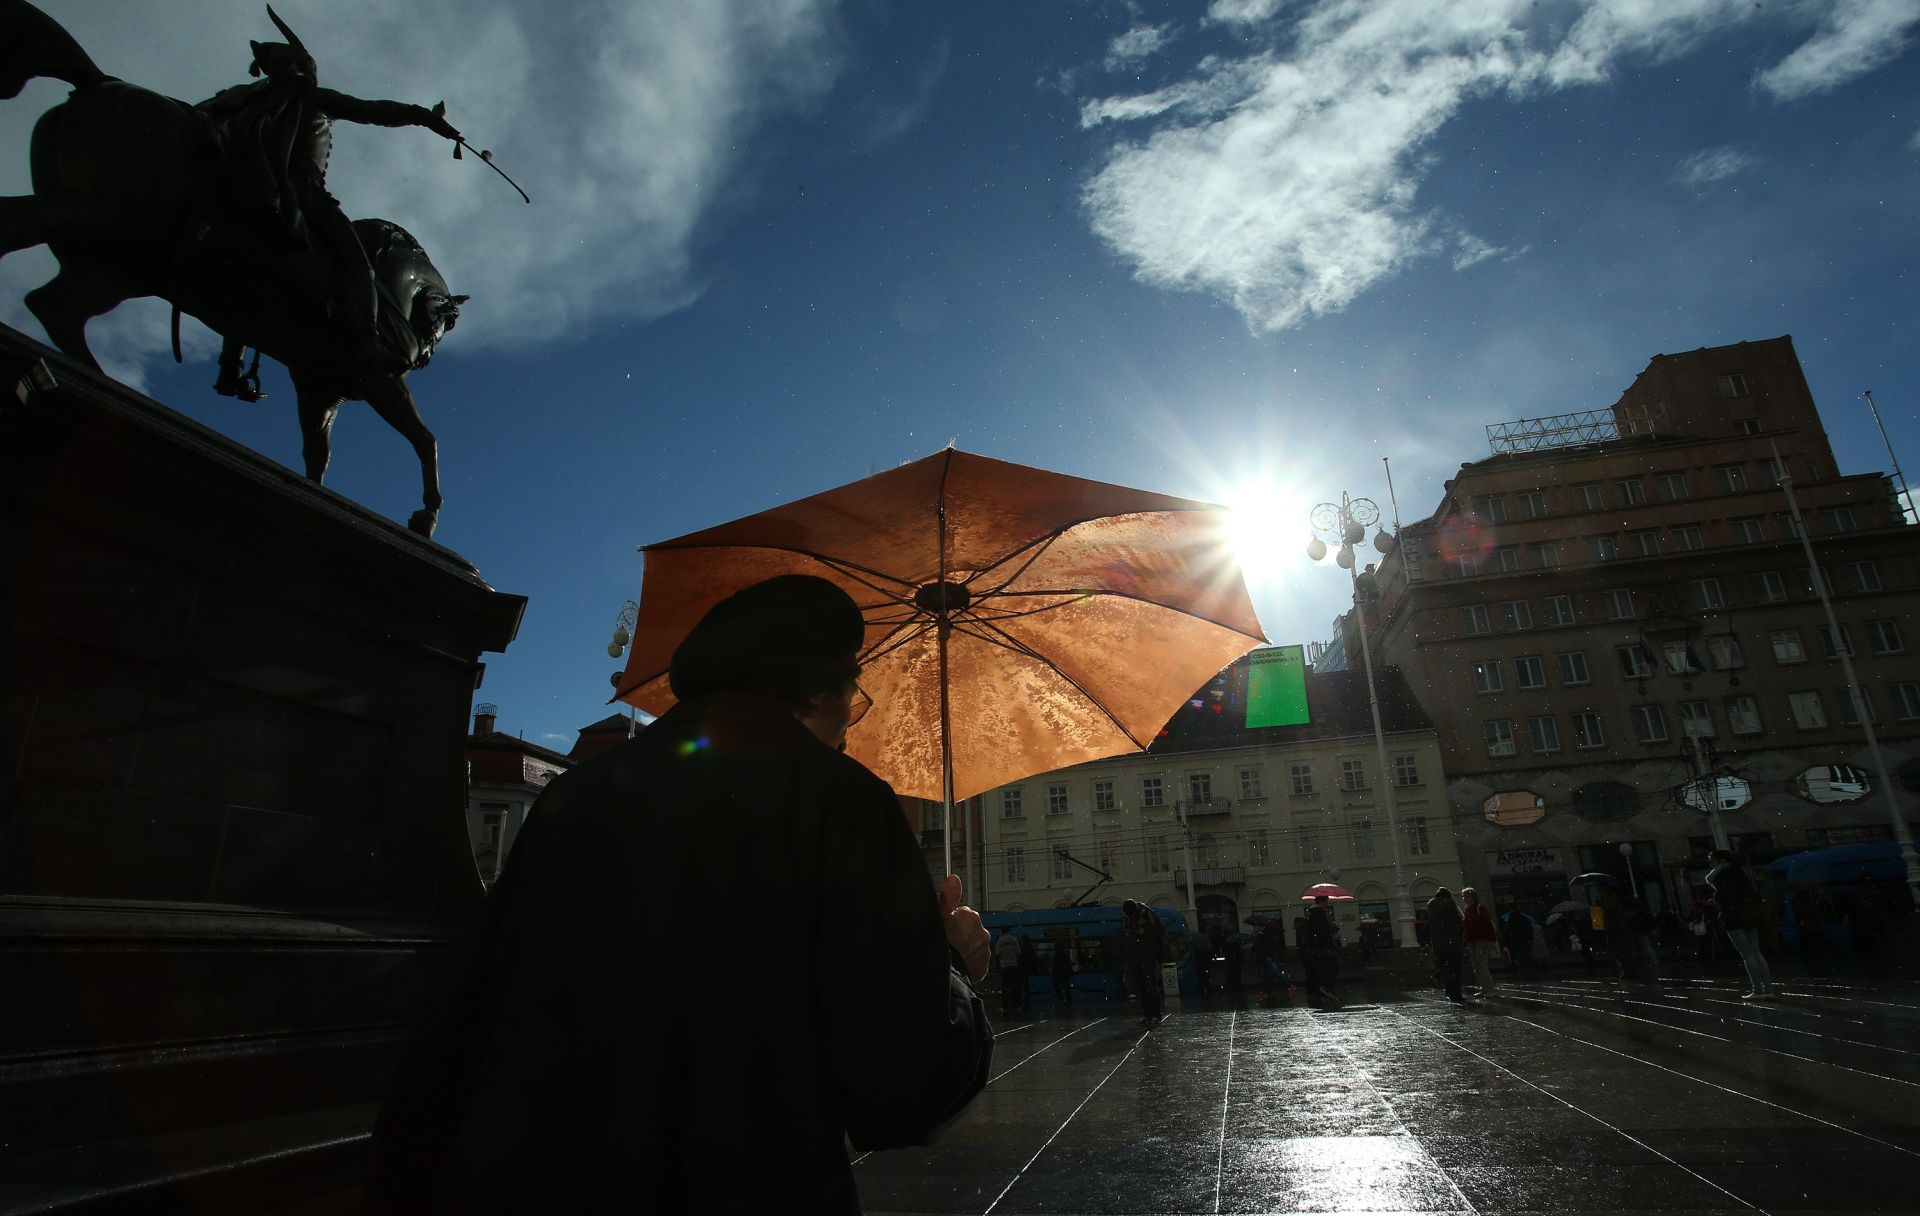 VRIJEME: Prijepodne moguća kiša i lokalni pljuskovi, poslijepodne postupno razvedravanje